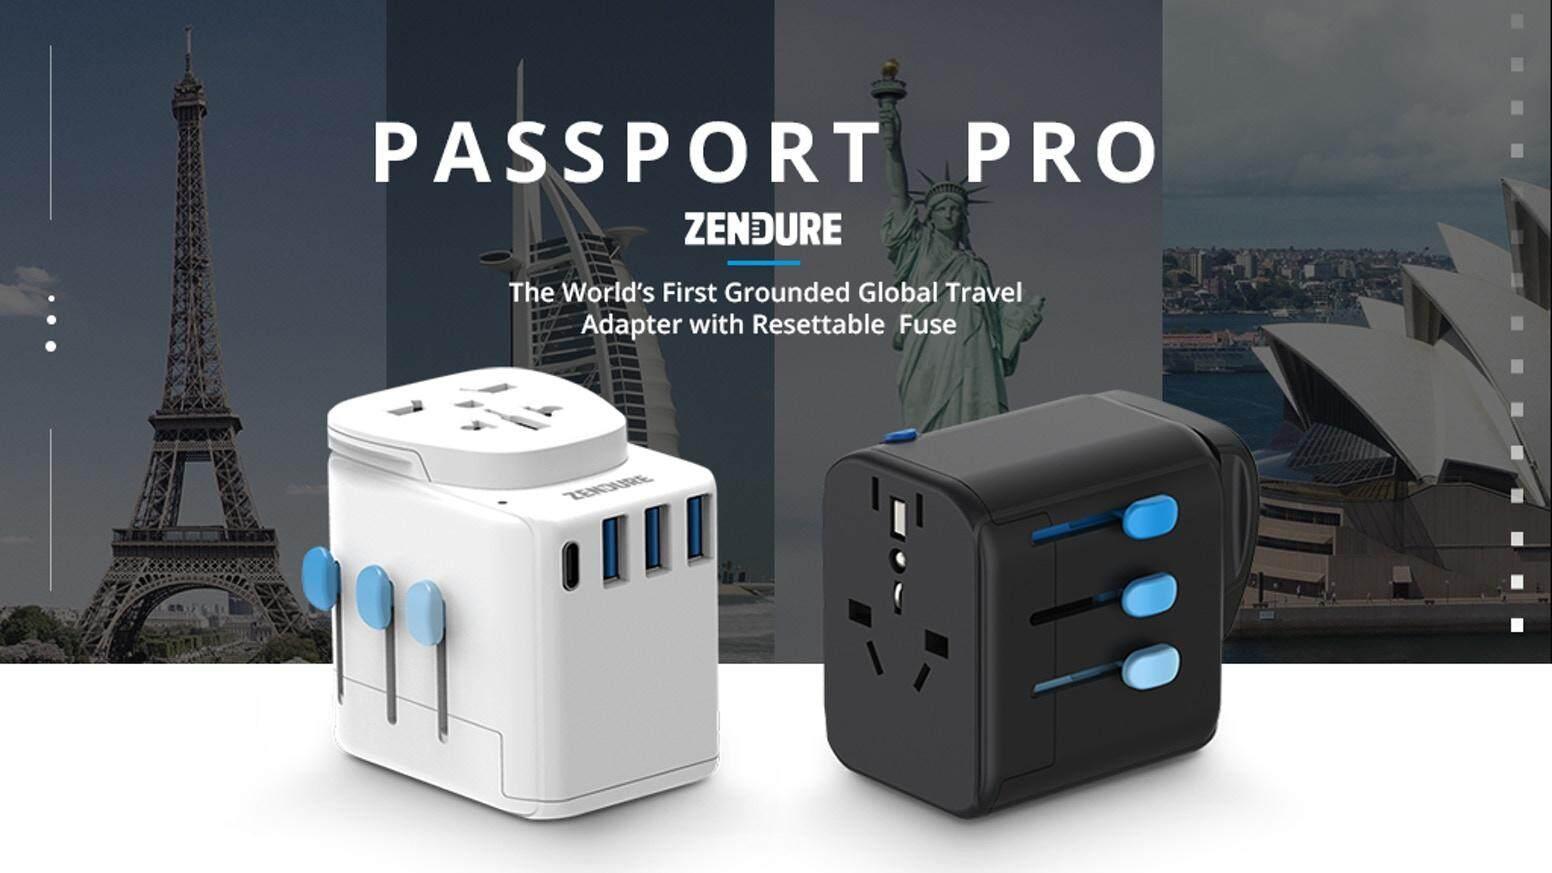 Zendure Passport Pro Global Travel Adapter USB-C PD 18W 3X USB Ports